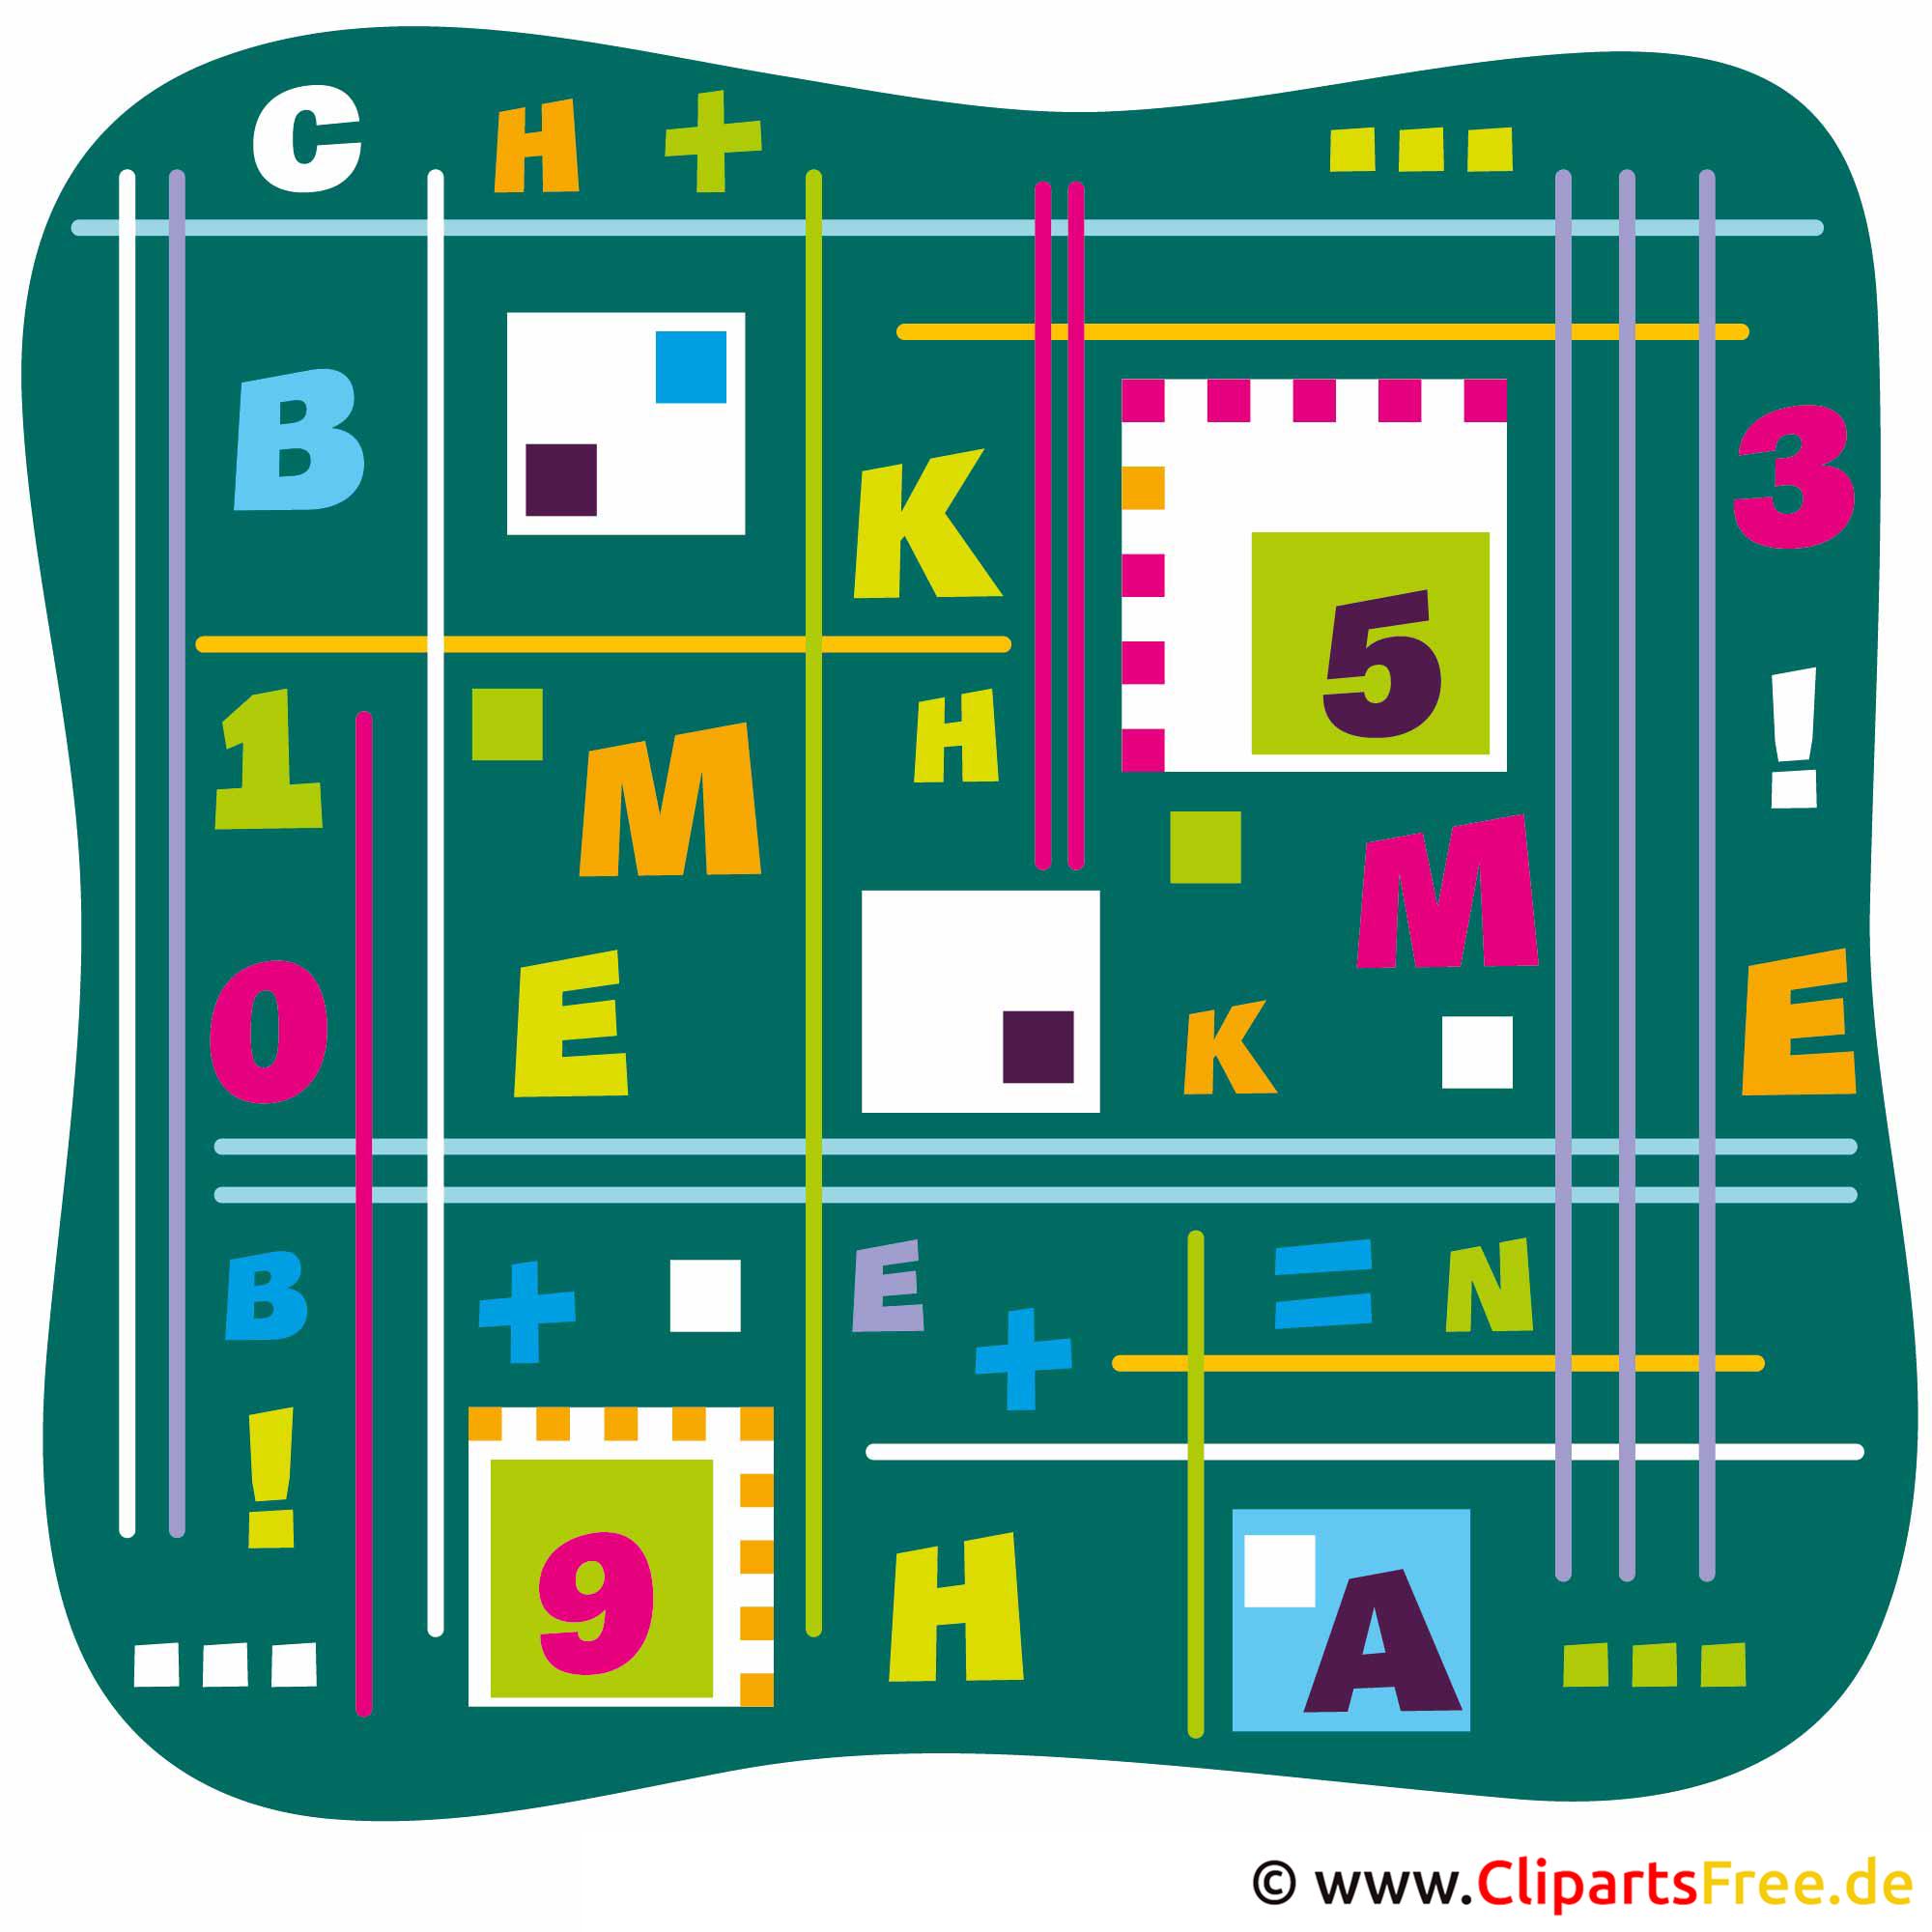 Schulbilder gratis - Chemie und Mathe